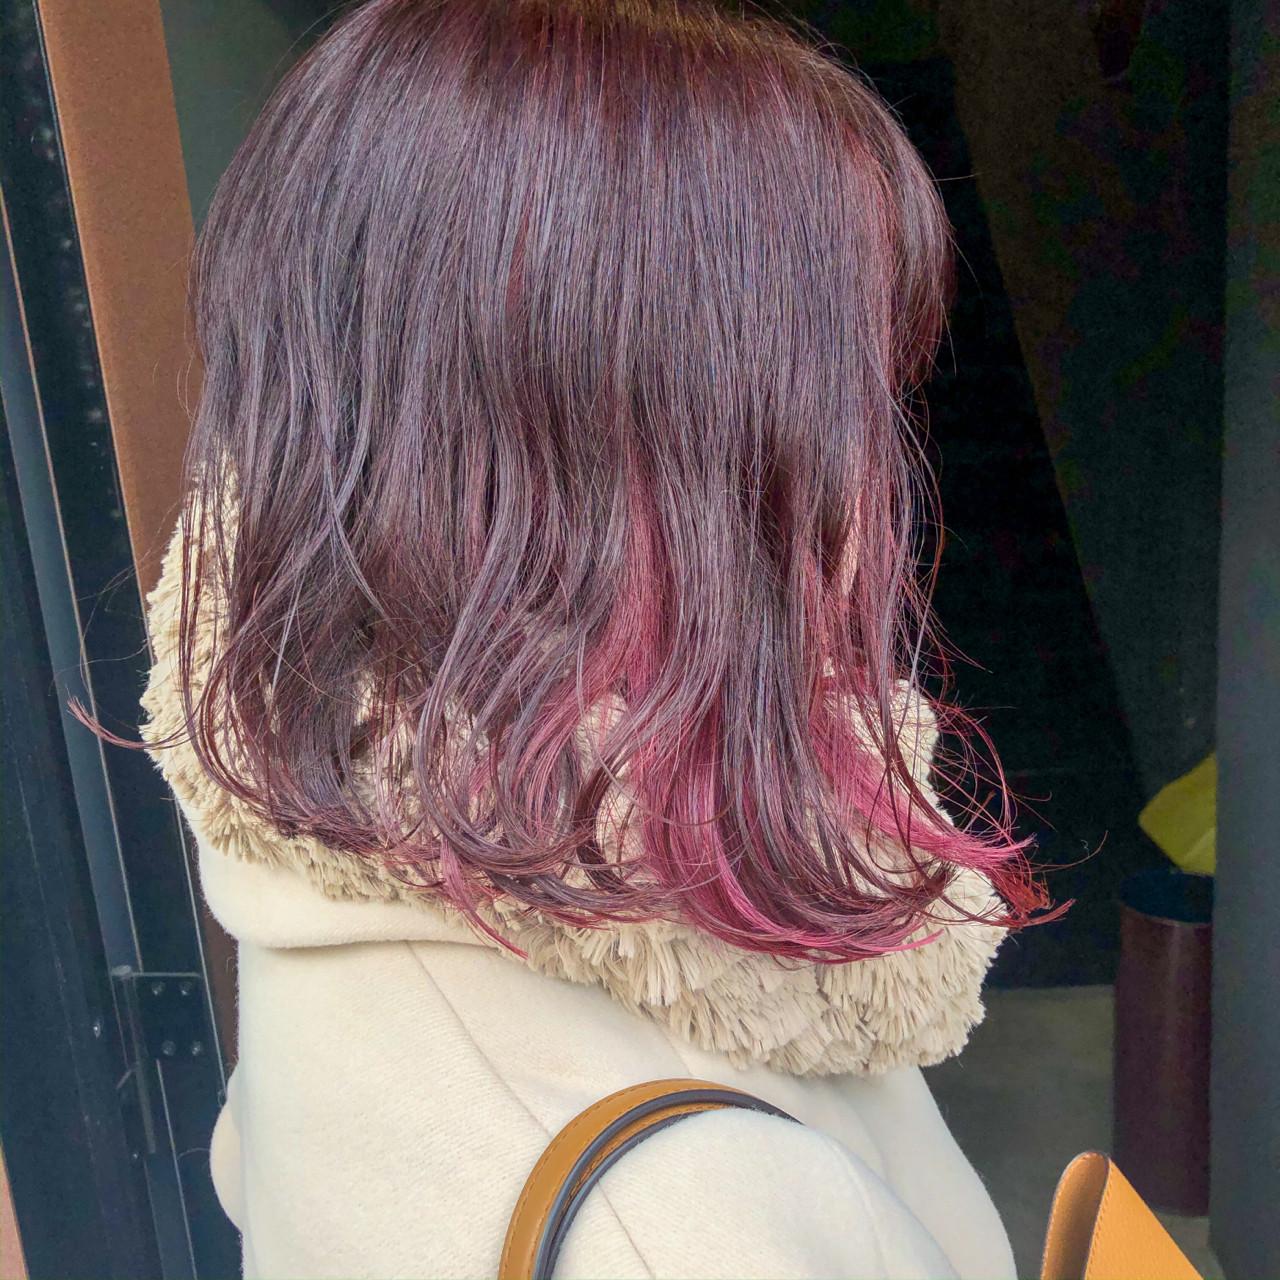 インナーカラー イヤリングカラー ピンク ボブヘアスタイルや髪型の写真・画像